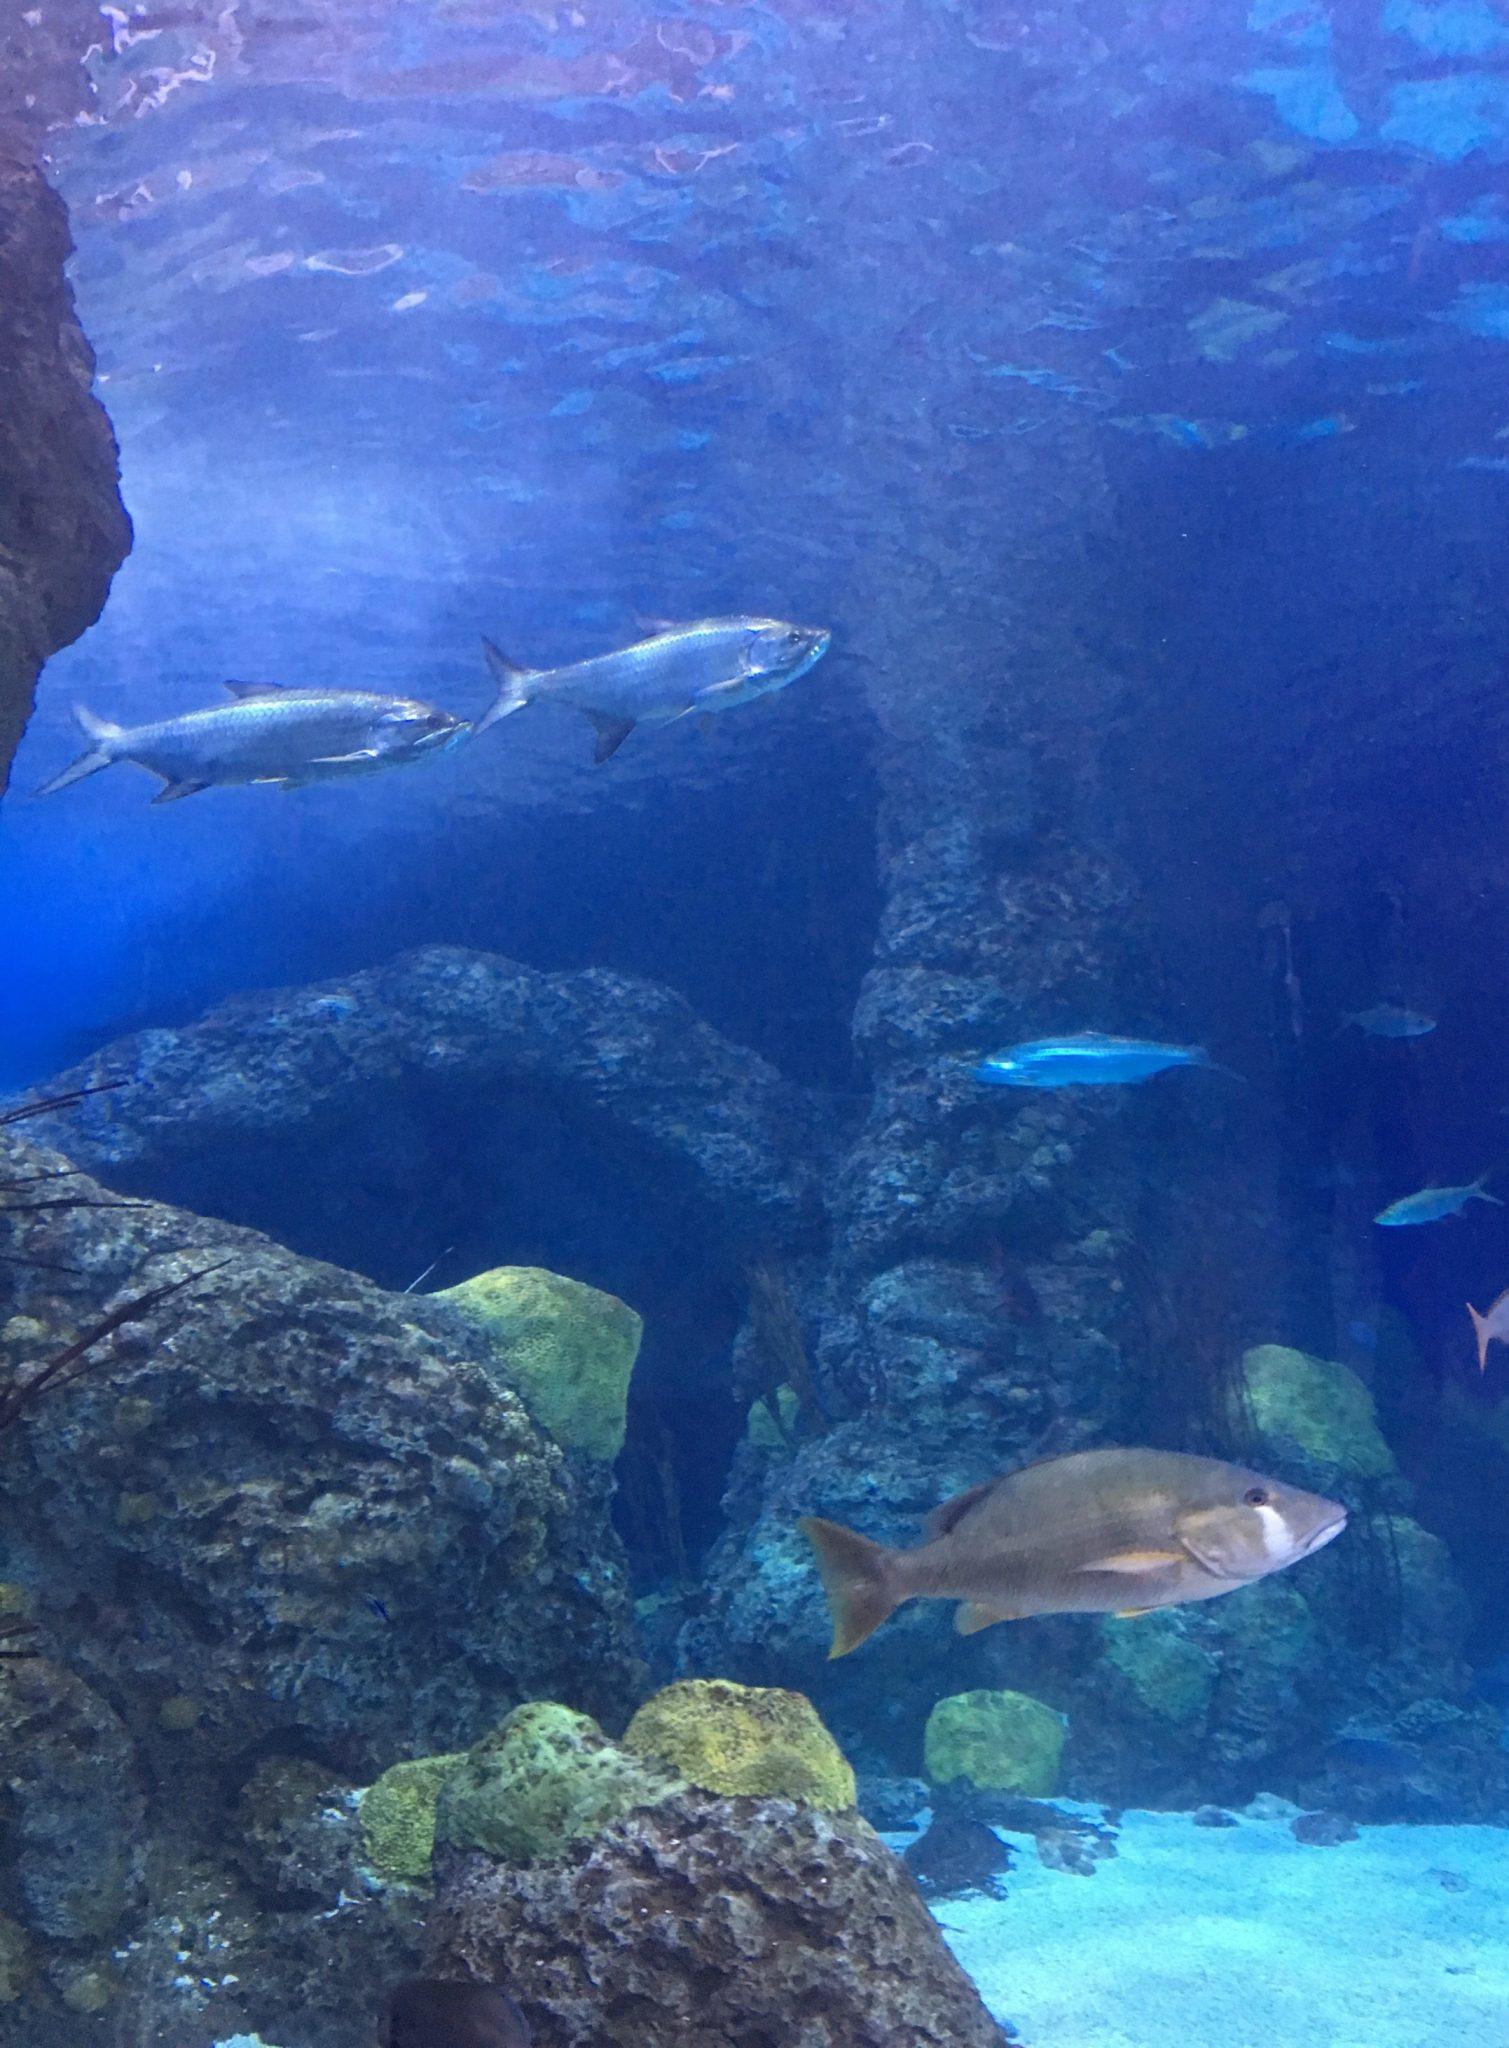 Aquarium fish, Denver Downtown Aquarium with kids